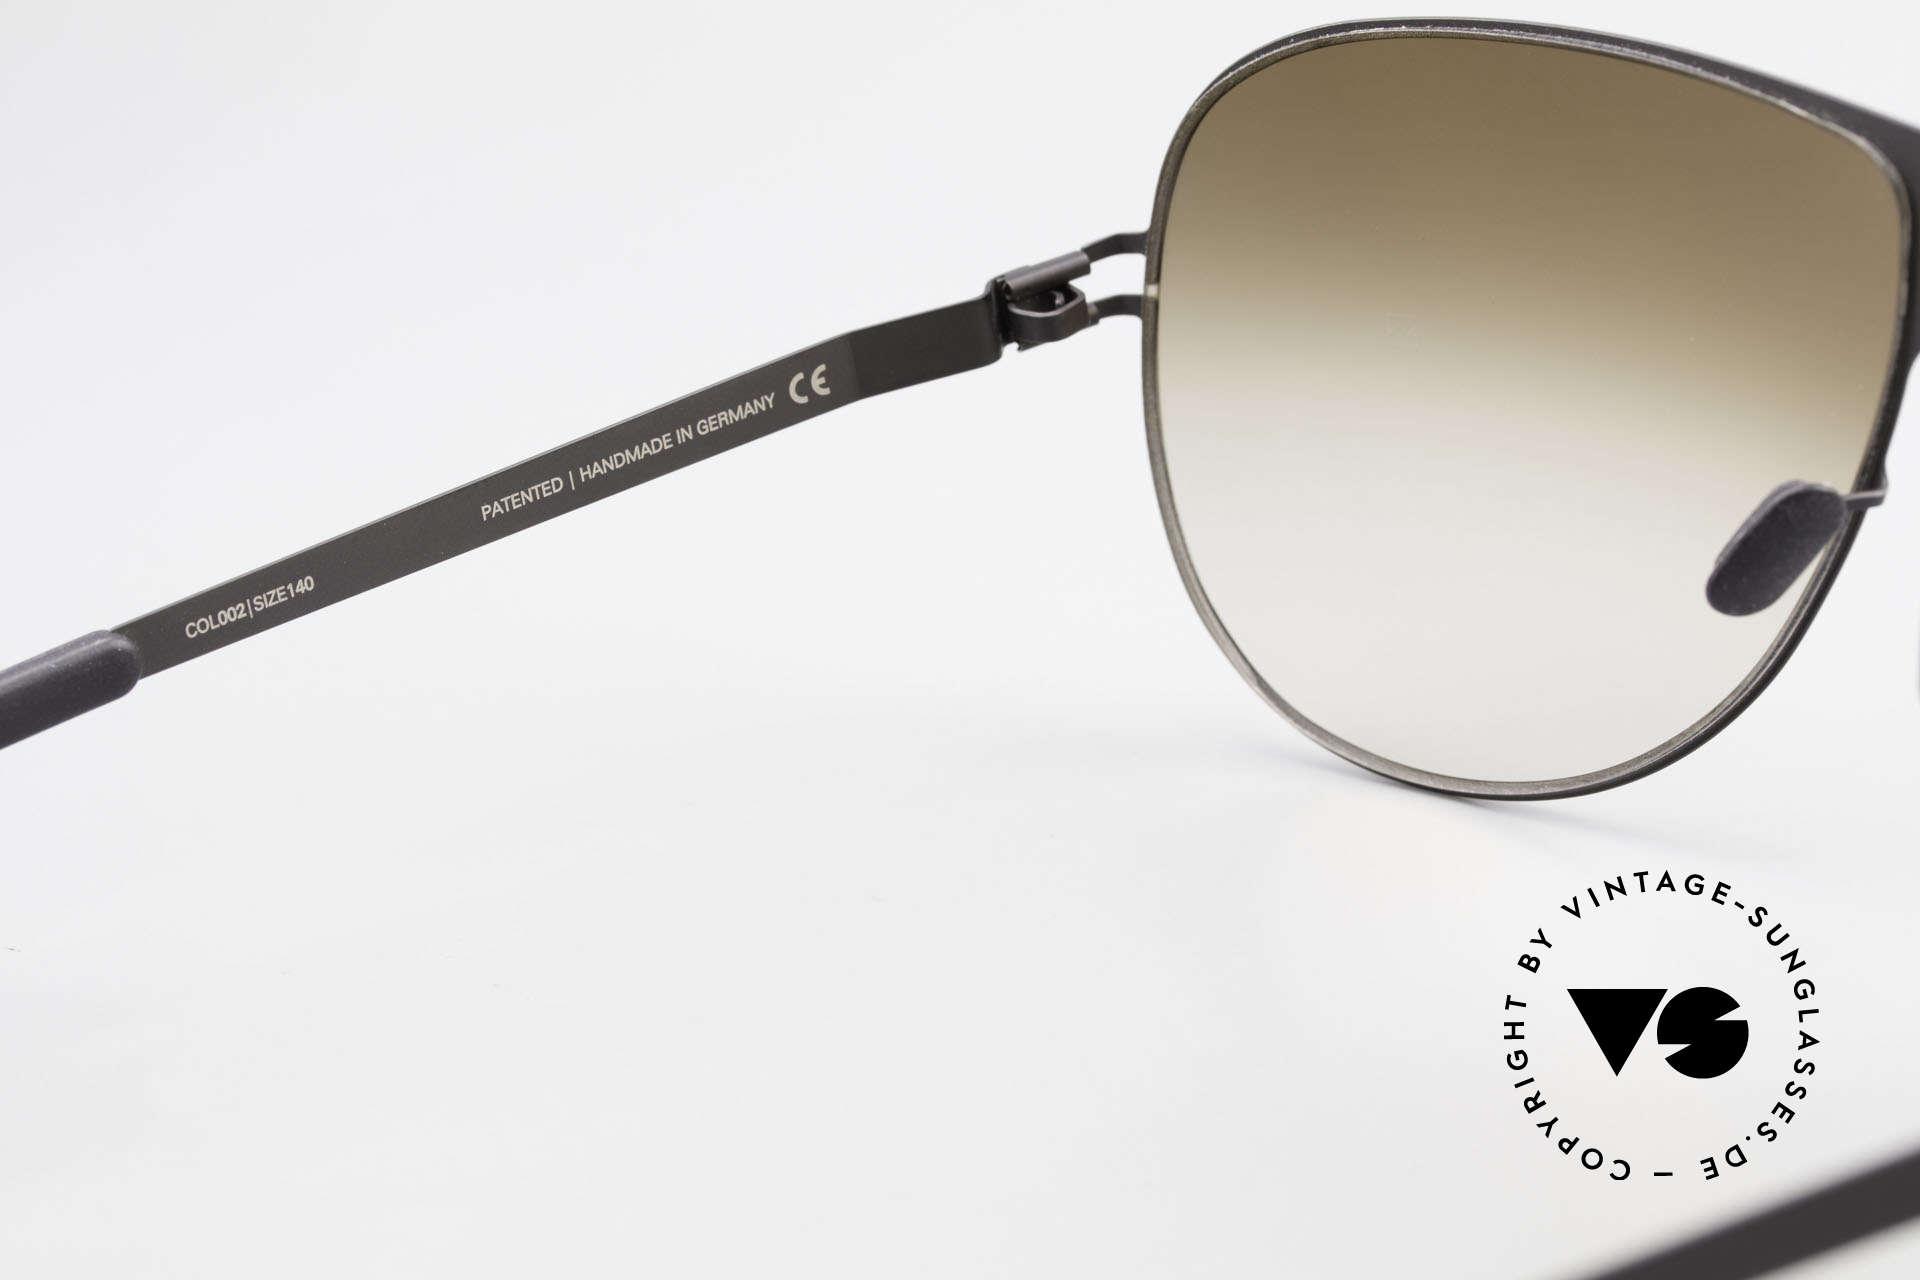 Mykita Elliot Mykita Tom Cruise Sonnenbrille, getragen von Tom Cruise (2011) und inzwischen selten, Passend für Herren